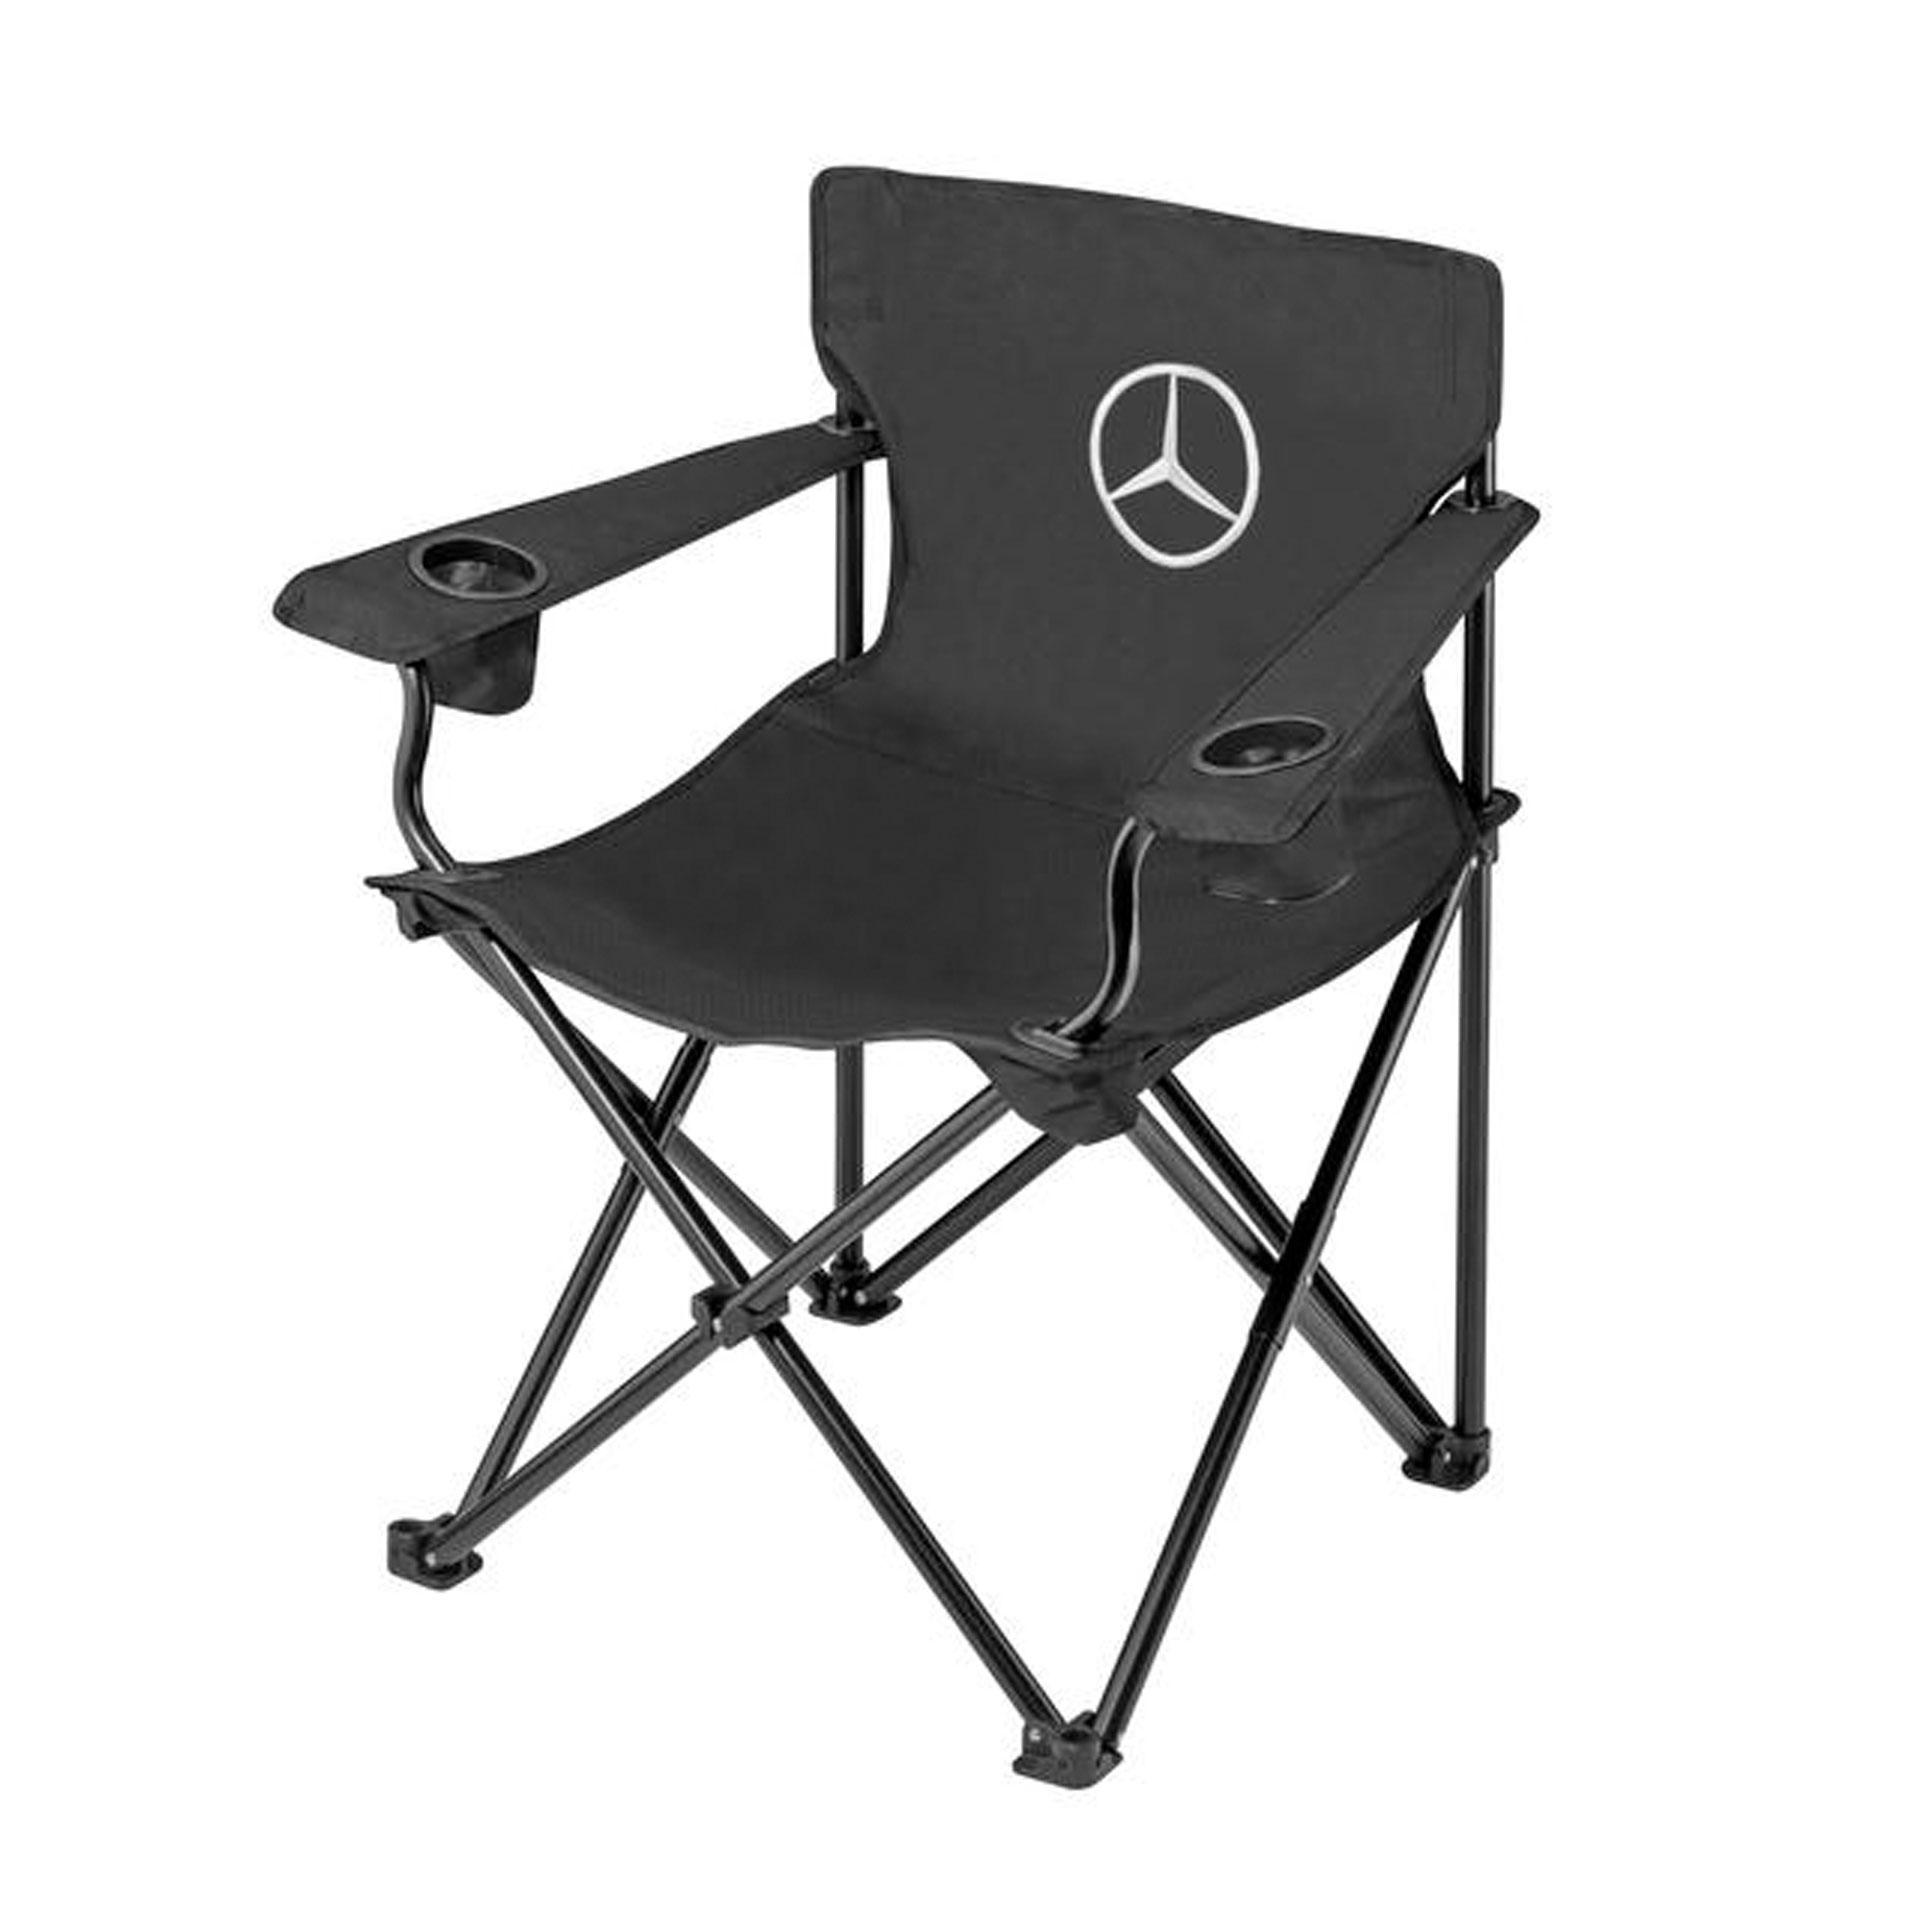 Mercedes-Benz Faltstuhl schwarz von BRUNNER